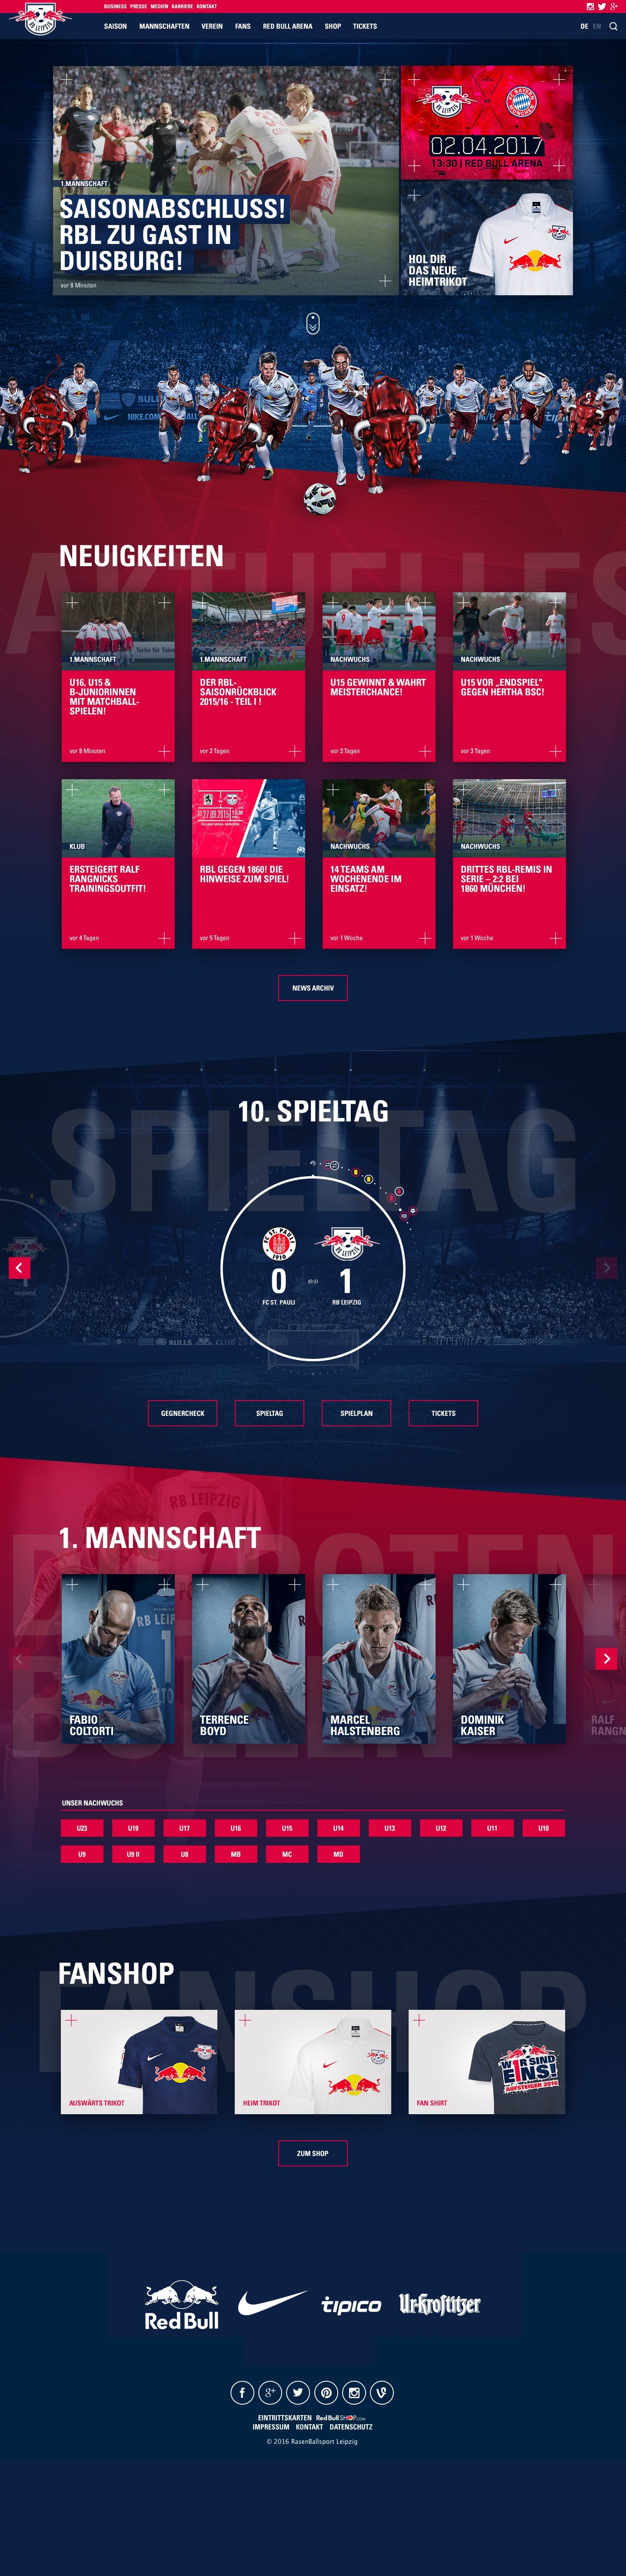 Red Bull Die Roten Bullen Design V1